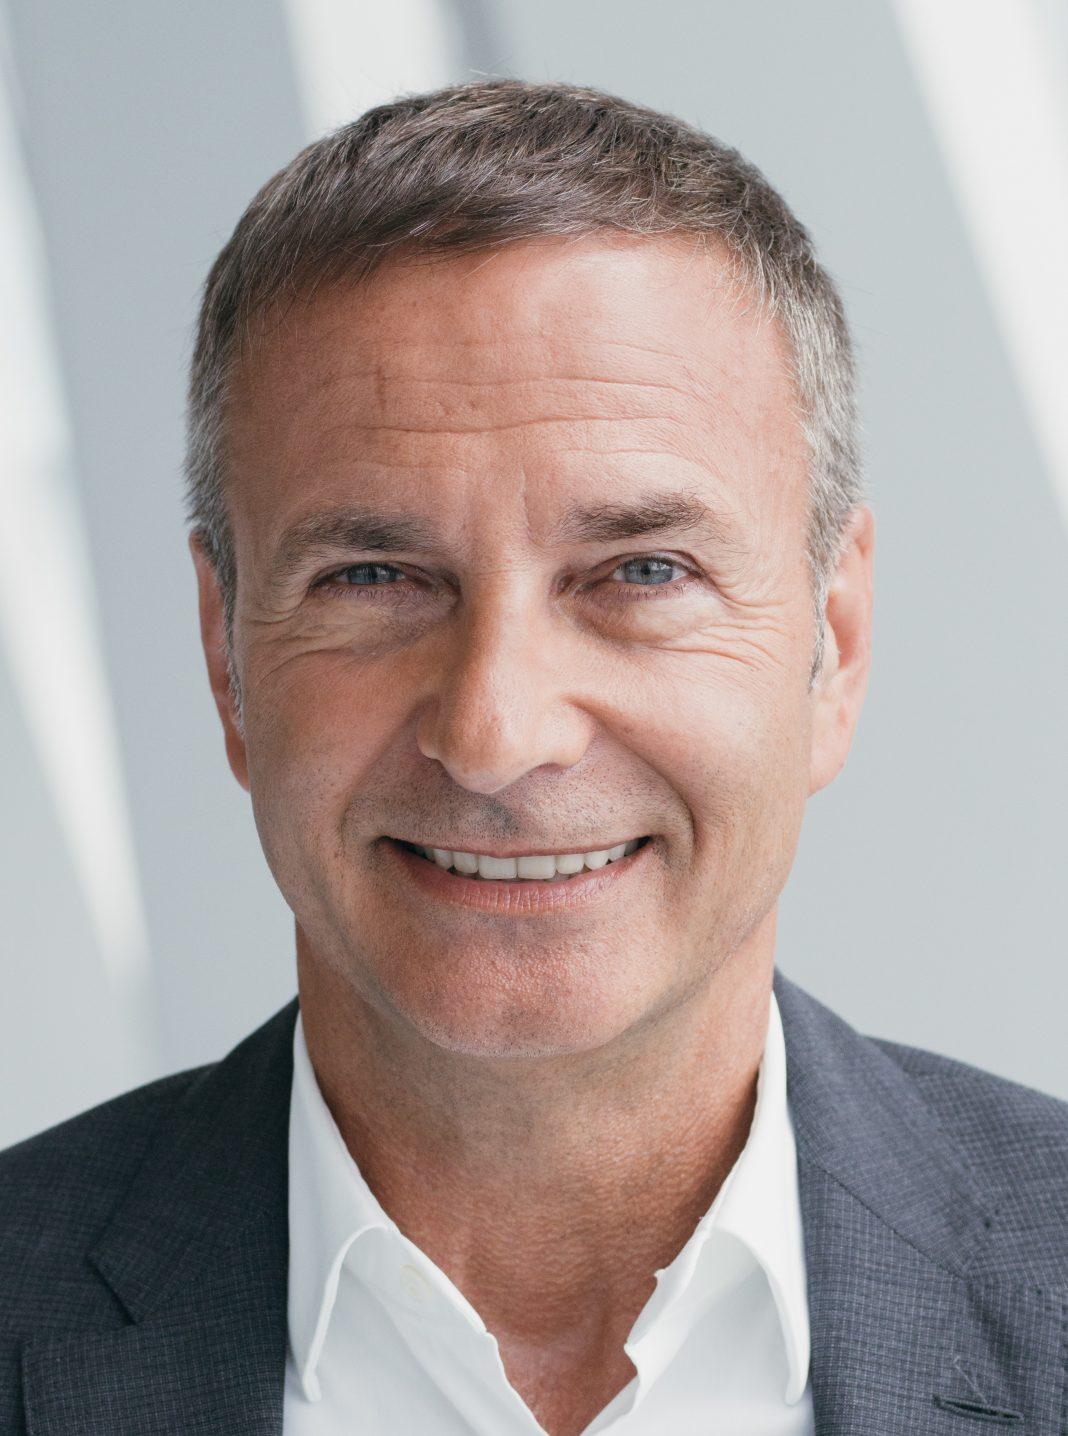 Bodo Uebber, Daimler AG